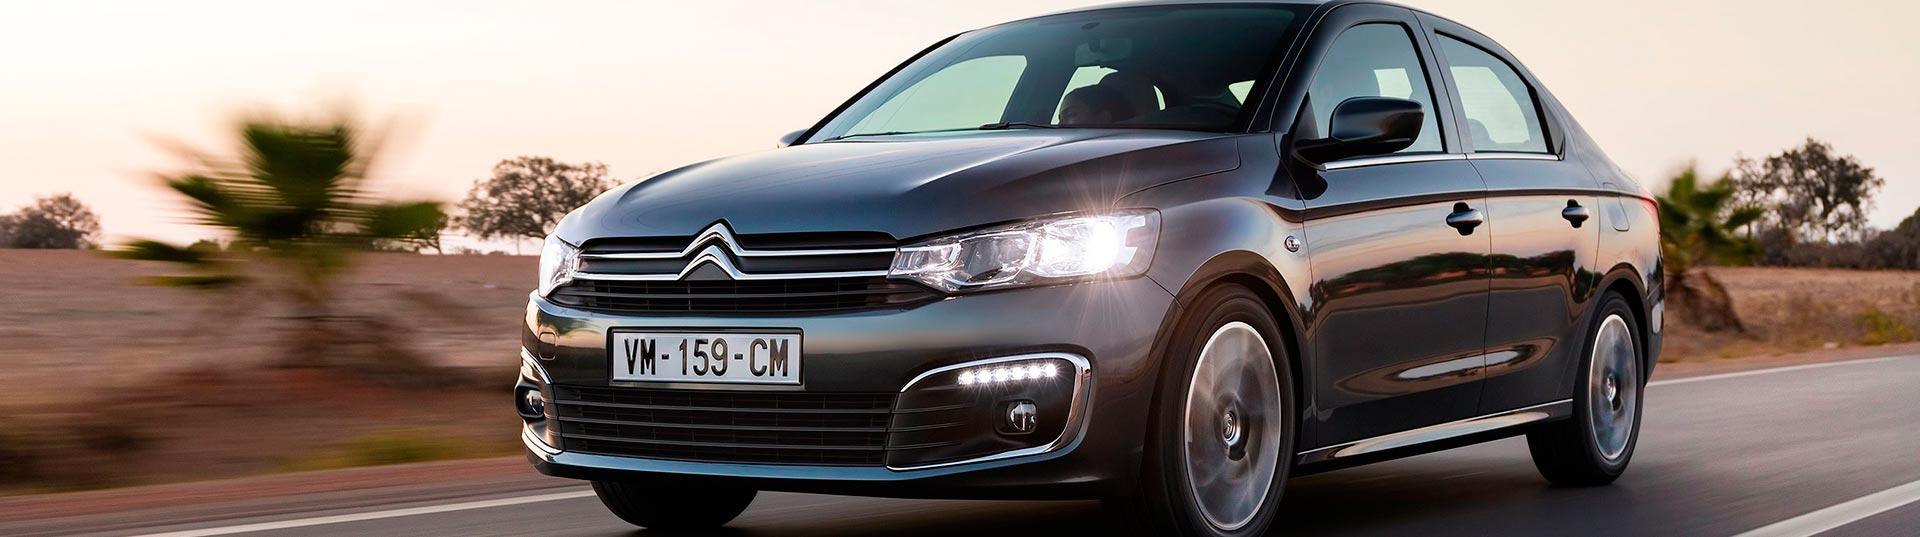 Novo Citroën C-Elysée